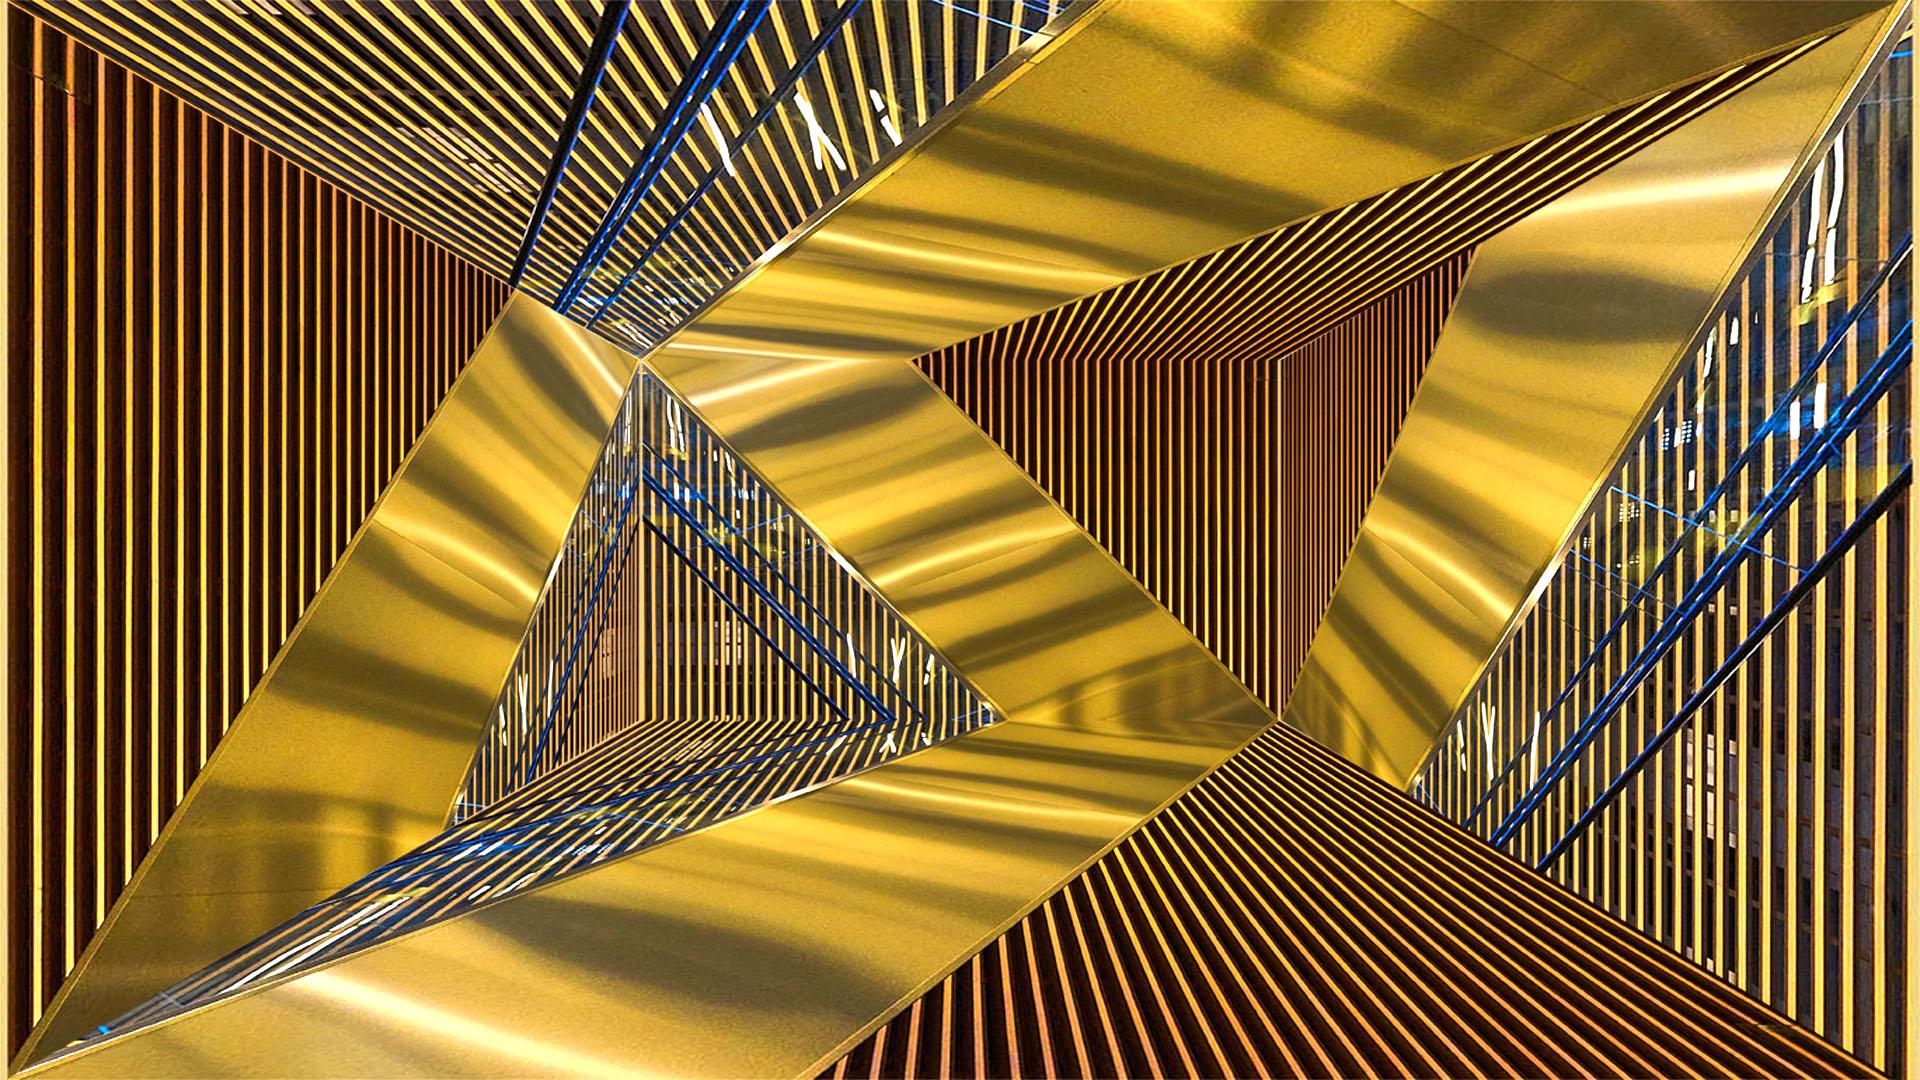 Kaleidoscoop-bewerking van de trap in het LUMC, Leiden